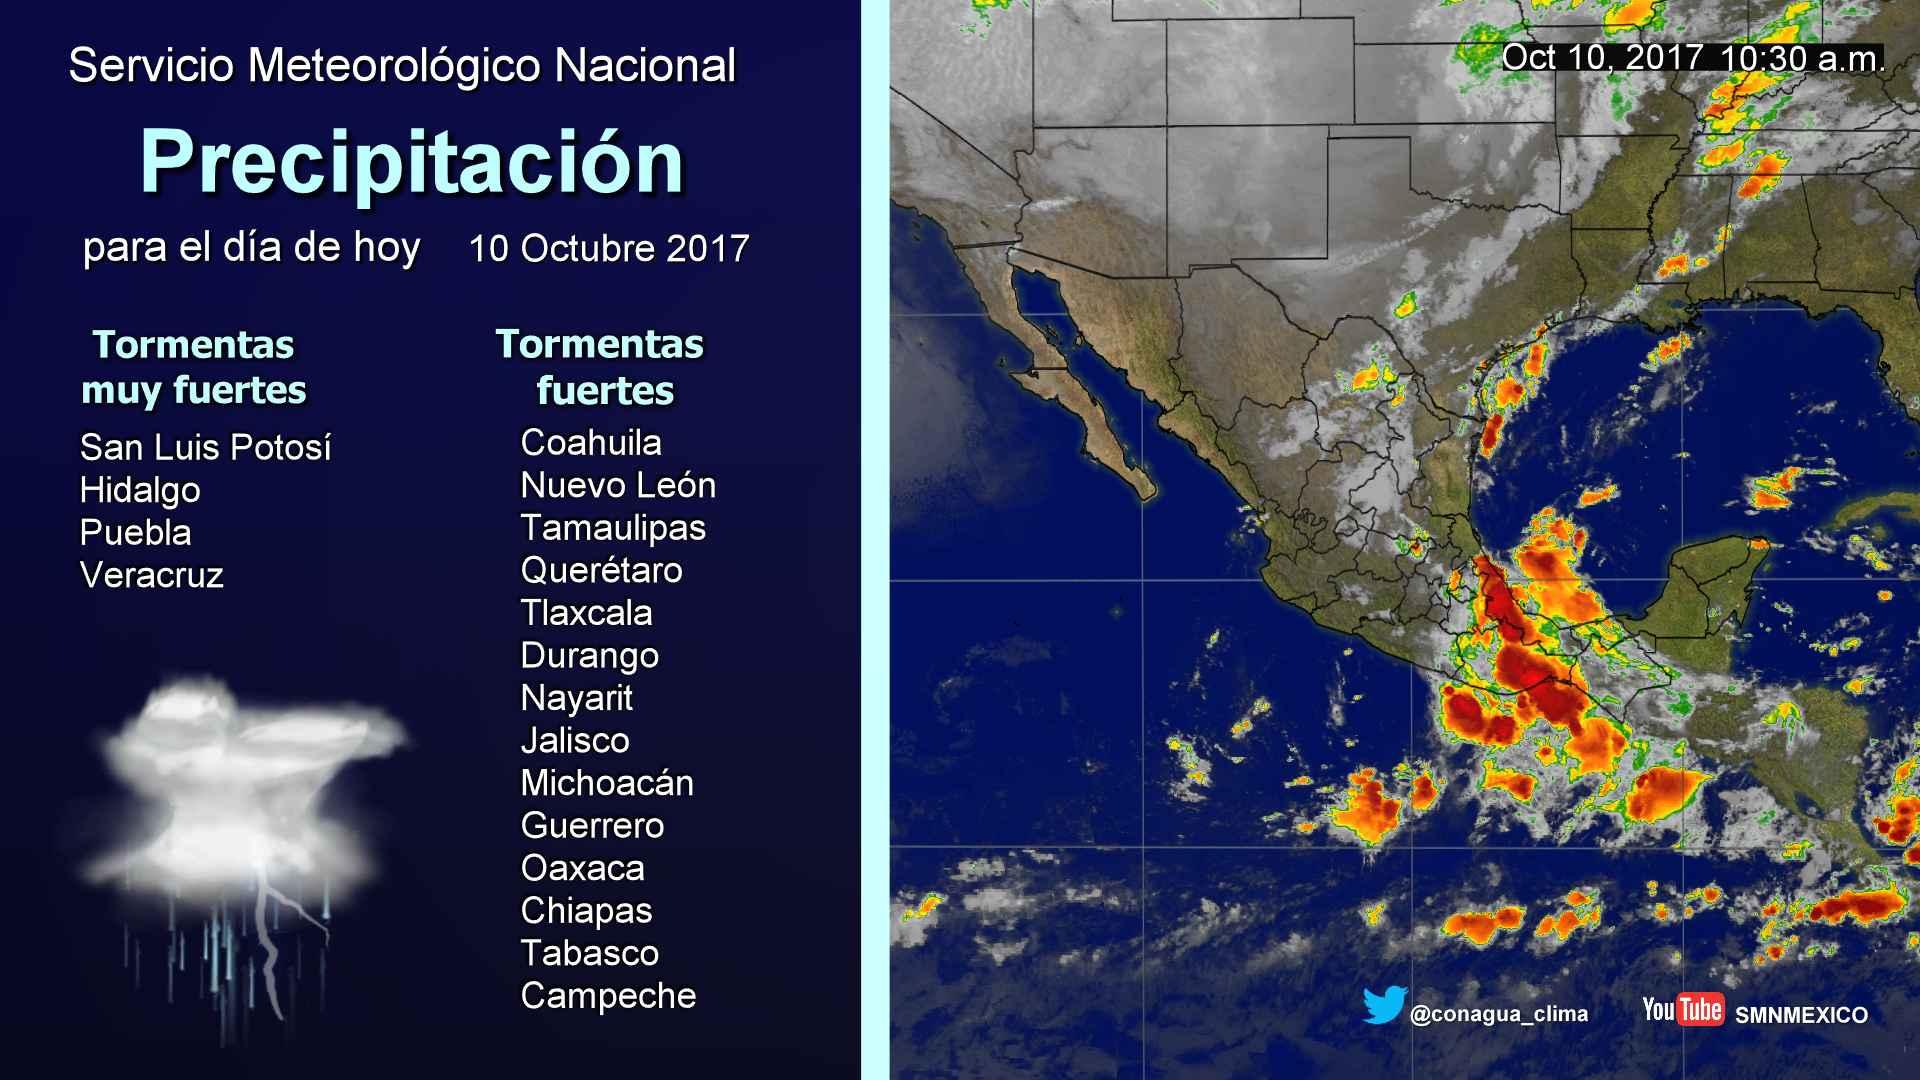 Se prevén intervalos de chuabscos con tormentas fuertes para Tlaxcala